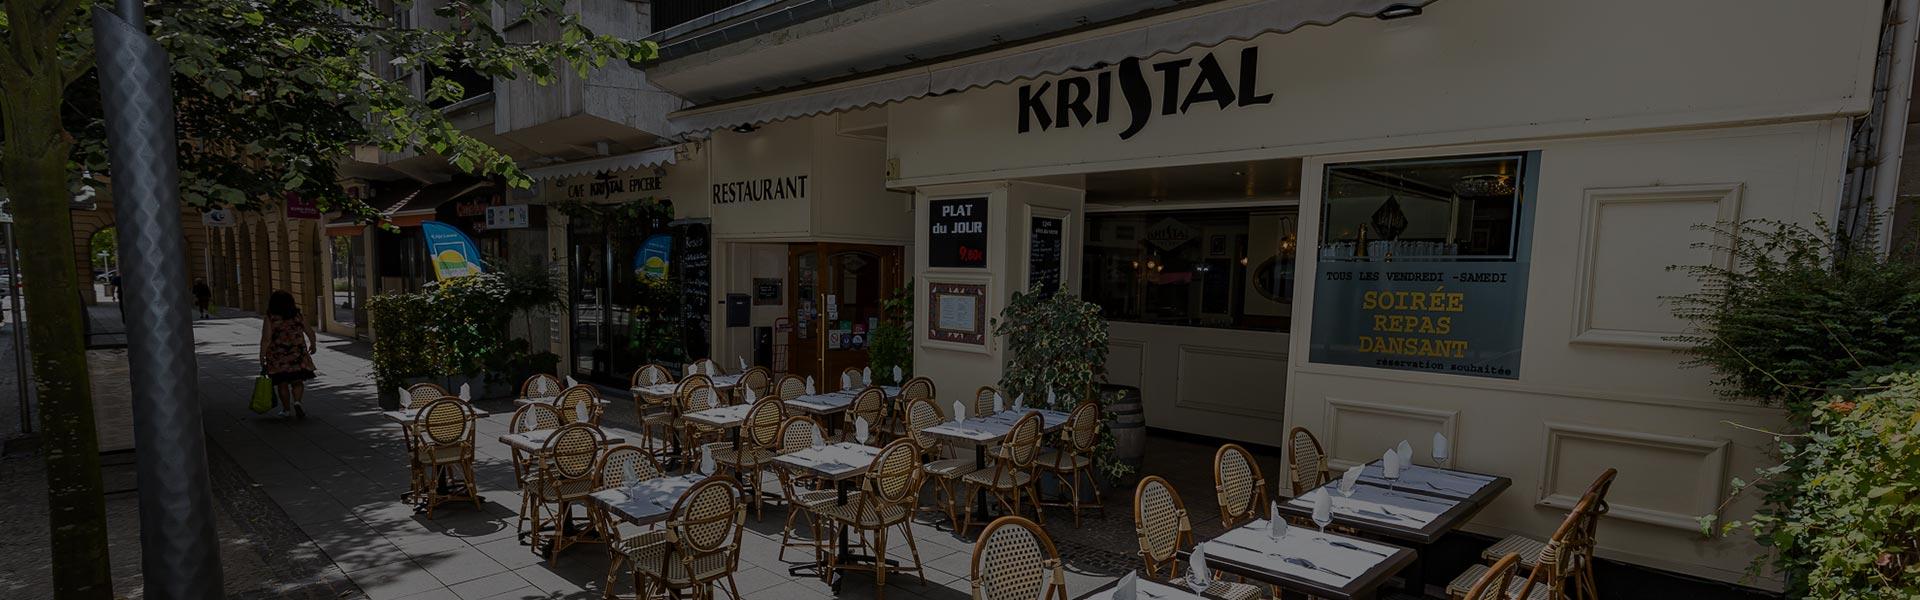 kristal-facade-restaurant-metz-brasserie-trditionnelle